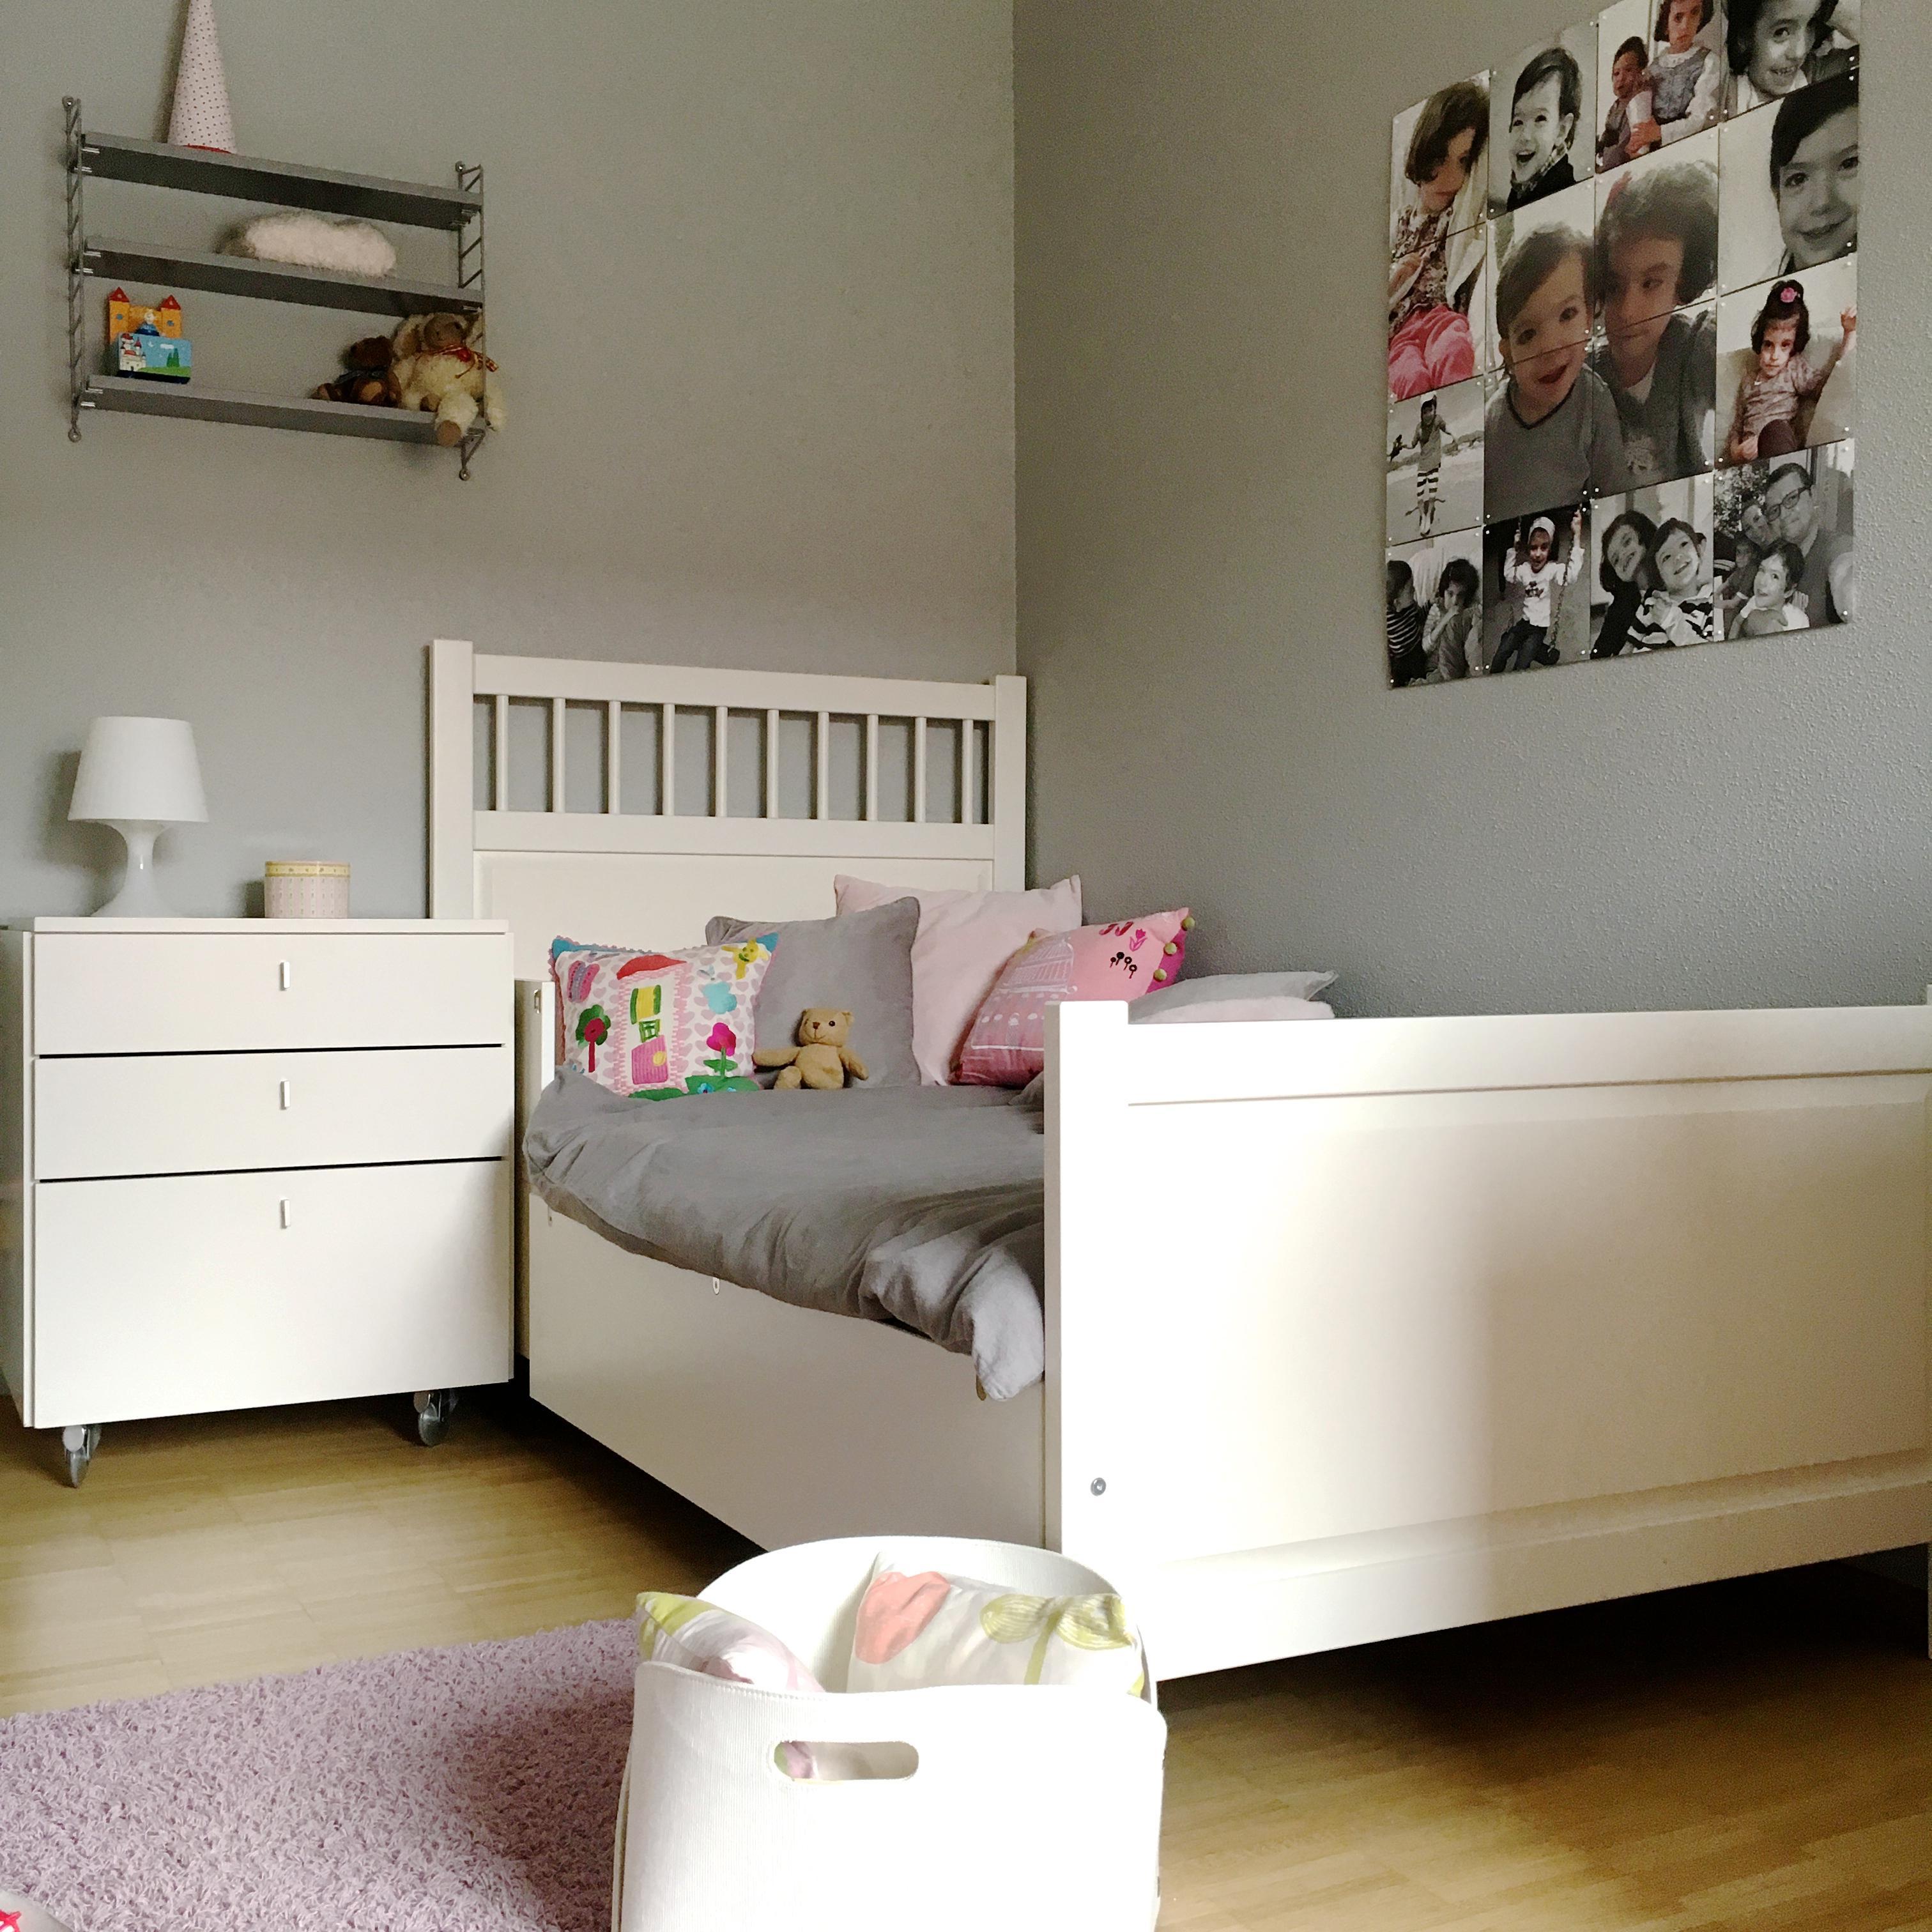 M dchenzimmer bilder ideen couchstyle for Ma dchenzimmer ikea